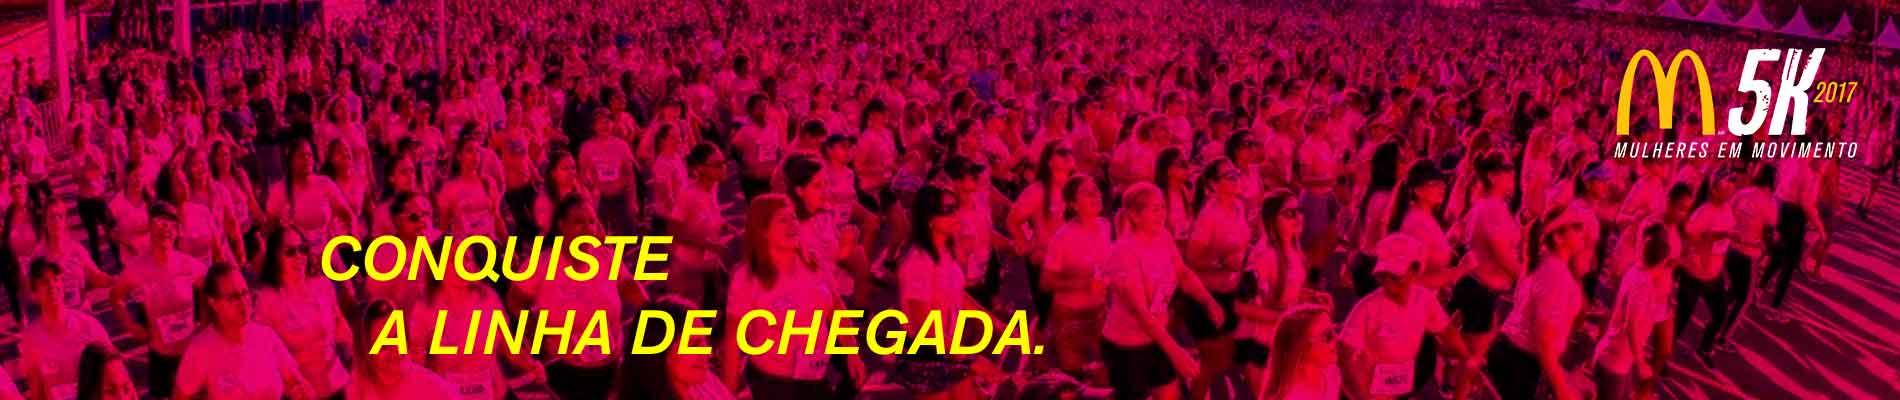 CORRIDA E CAMINHADA FEMININA McDONALD'S 5K 2017 - SÃO PAULO - Imagem de topo